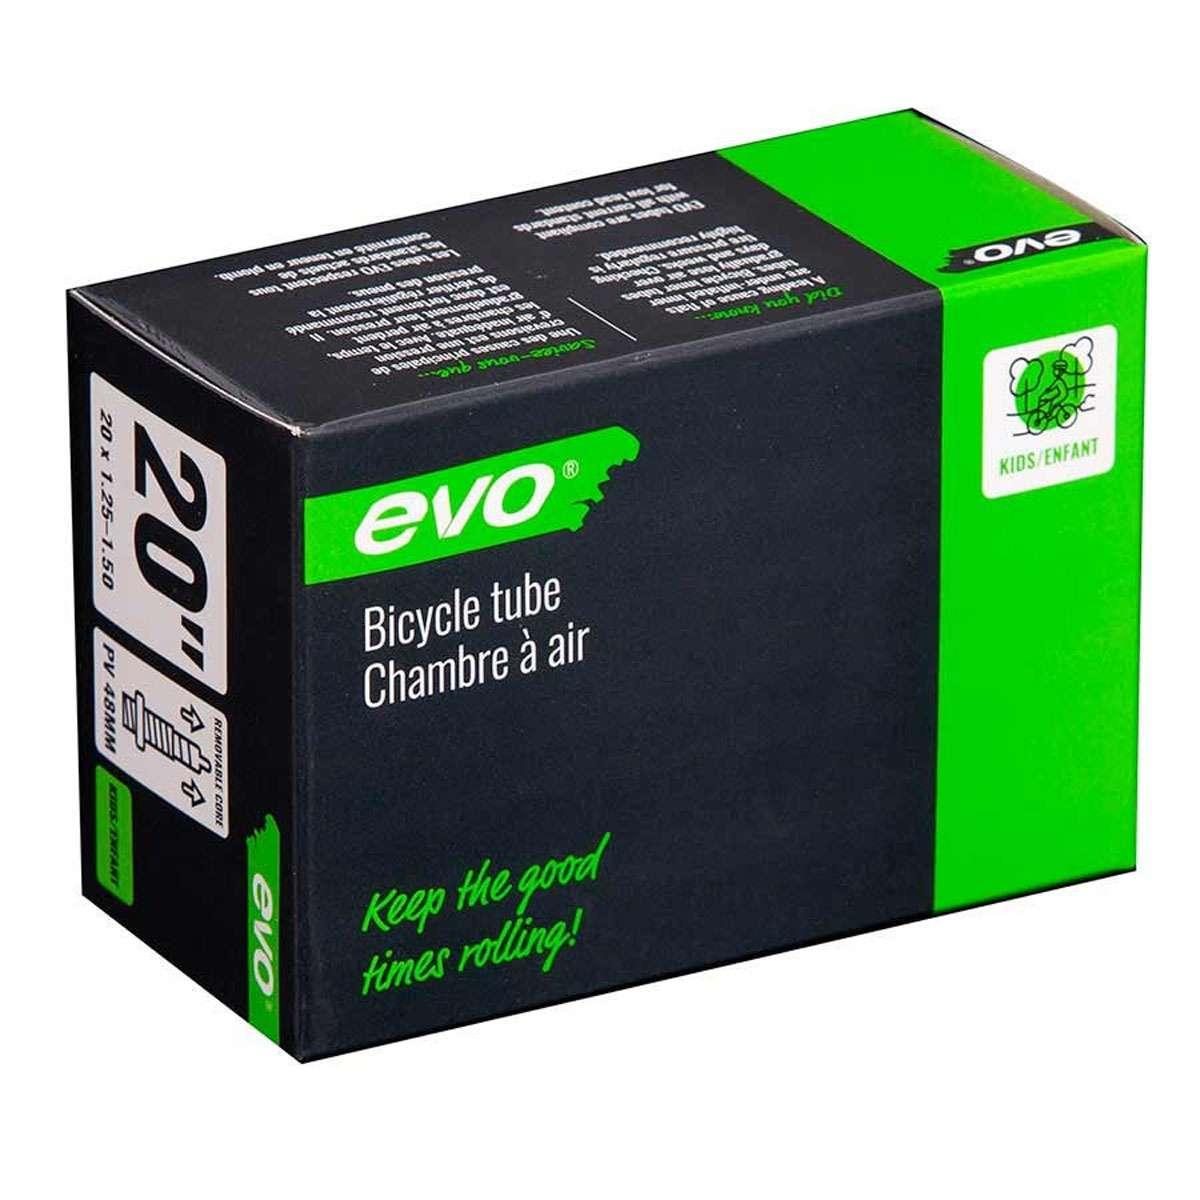 Evo Bicycle Tube - Presta, 48mm, 20', 1.25-1.50 - 14EV.020175-01